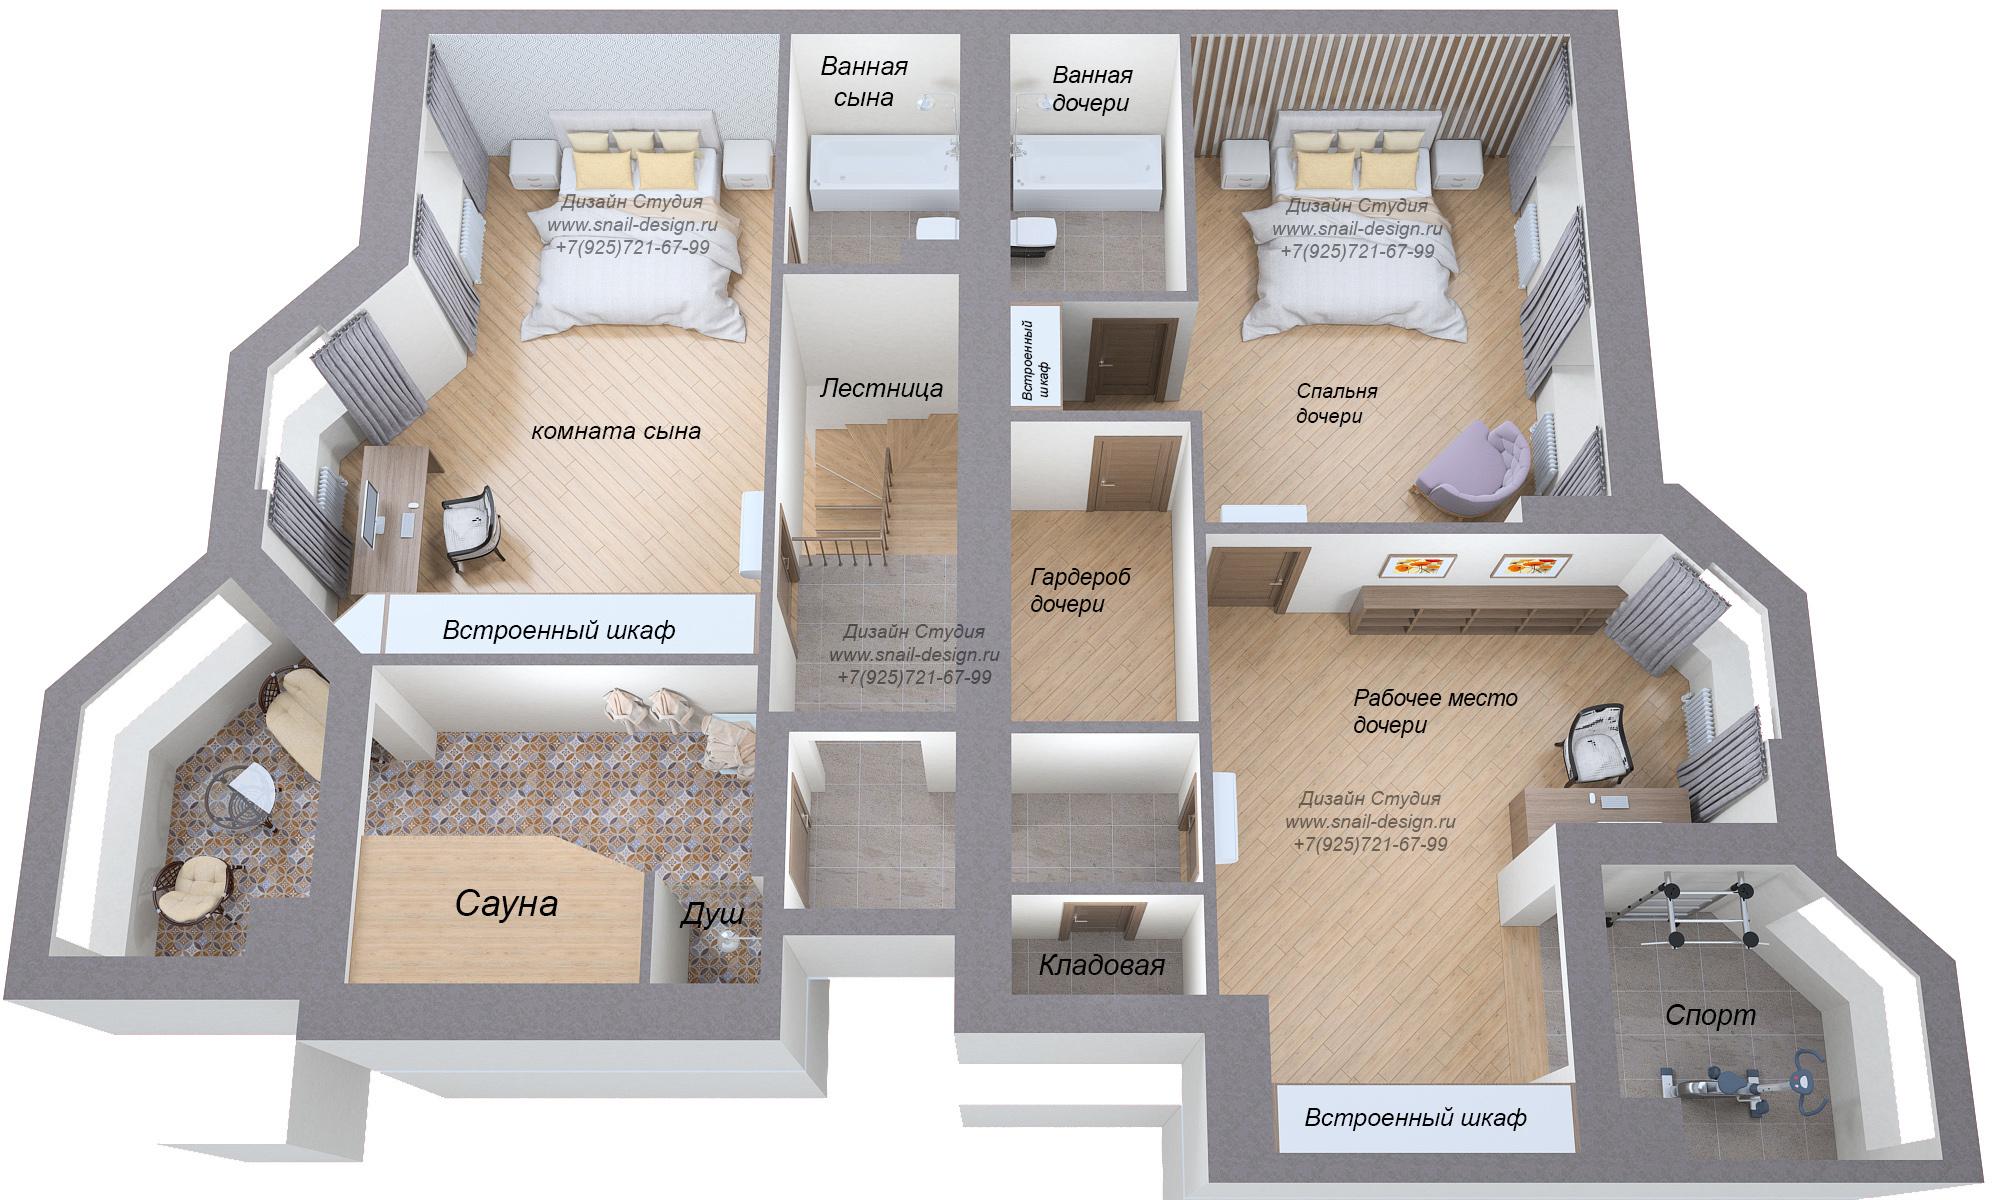 Объединение + планировка квартиры (~260 кв.м.) фото f_7905a516b89a73b3.jpg